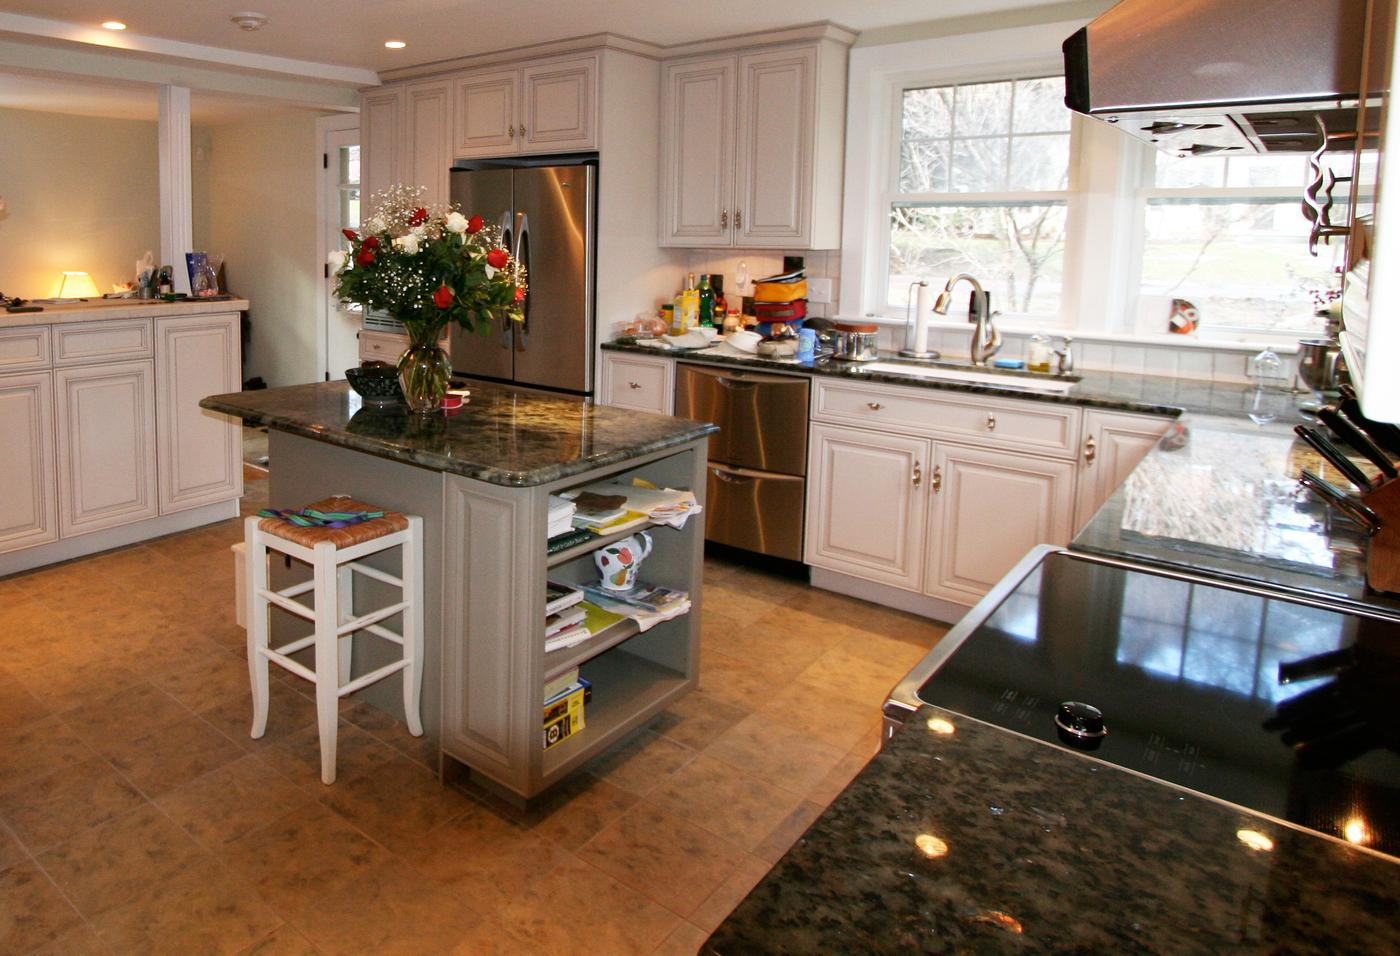 Kitchen cropped.jpg